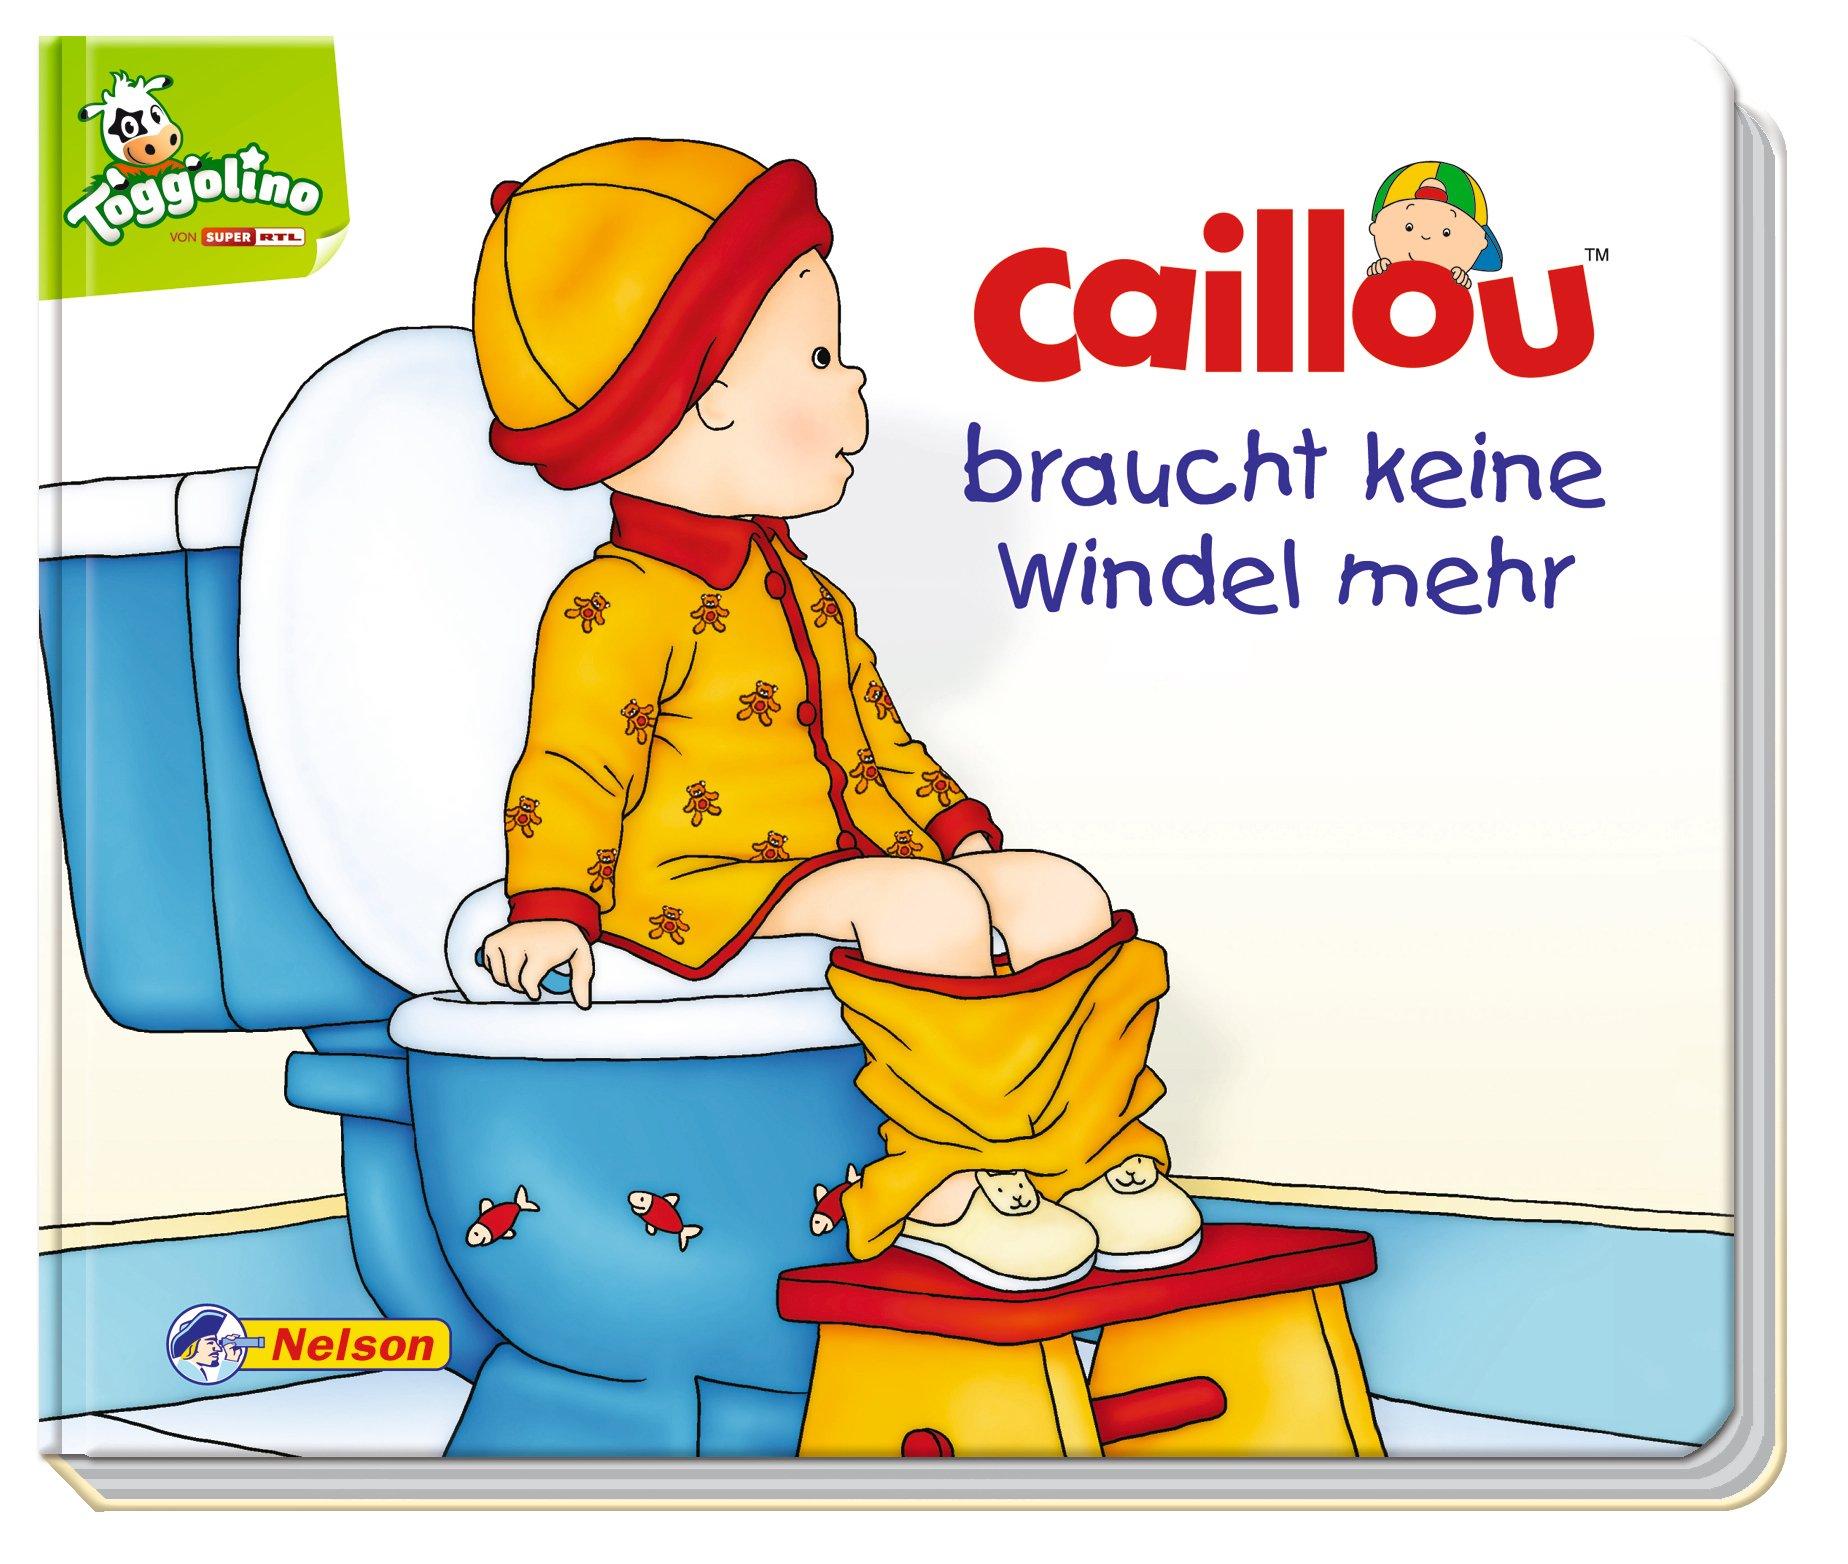 Caillou braucht keine Windel mehr Pappbilderbuch – 22. August 2013 Rieke Nanninga Pierre Brignaud Christine L' Heureux Nelson